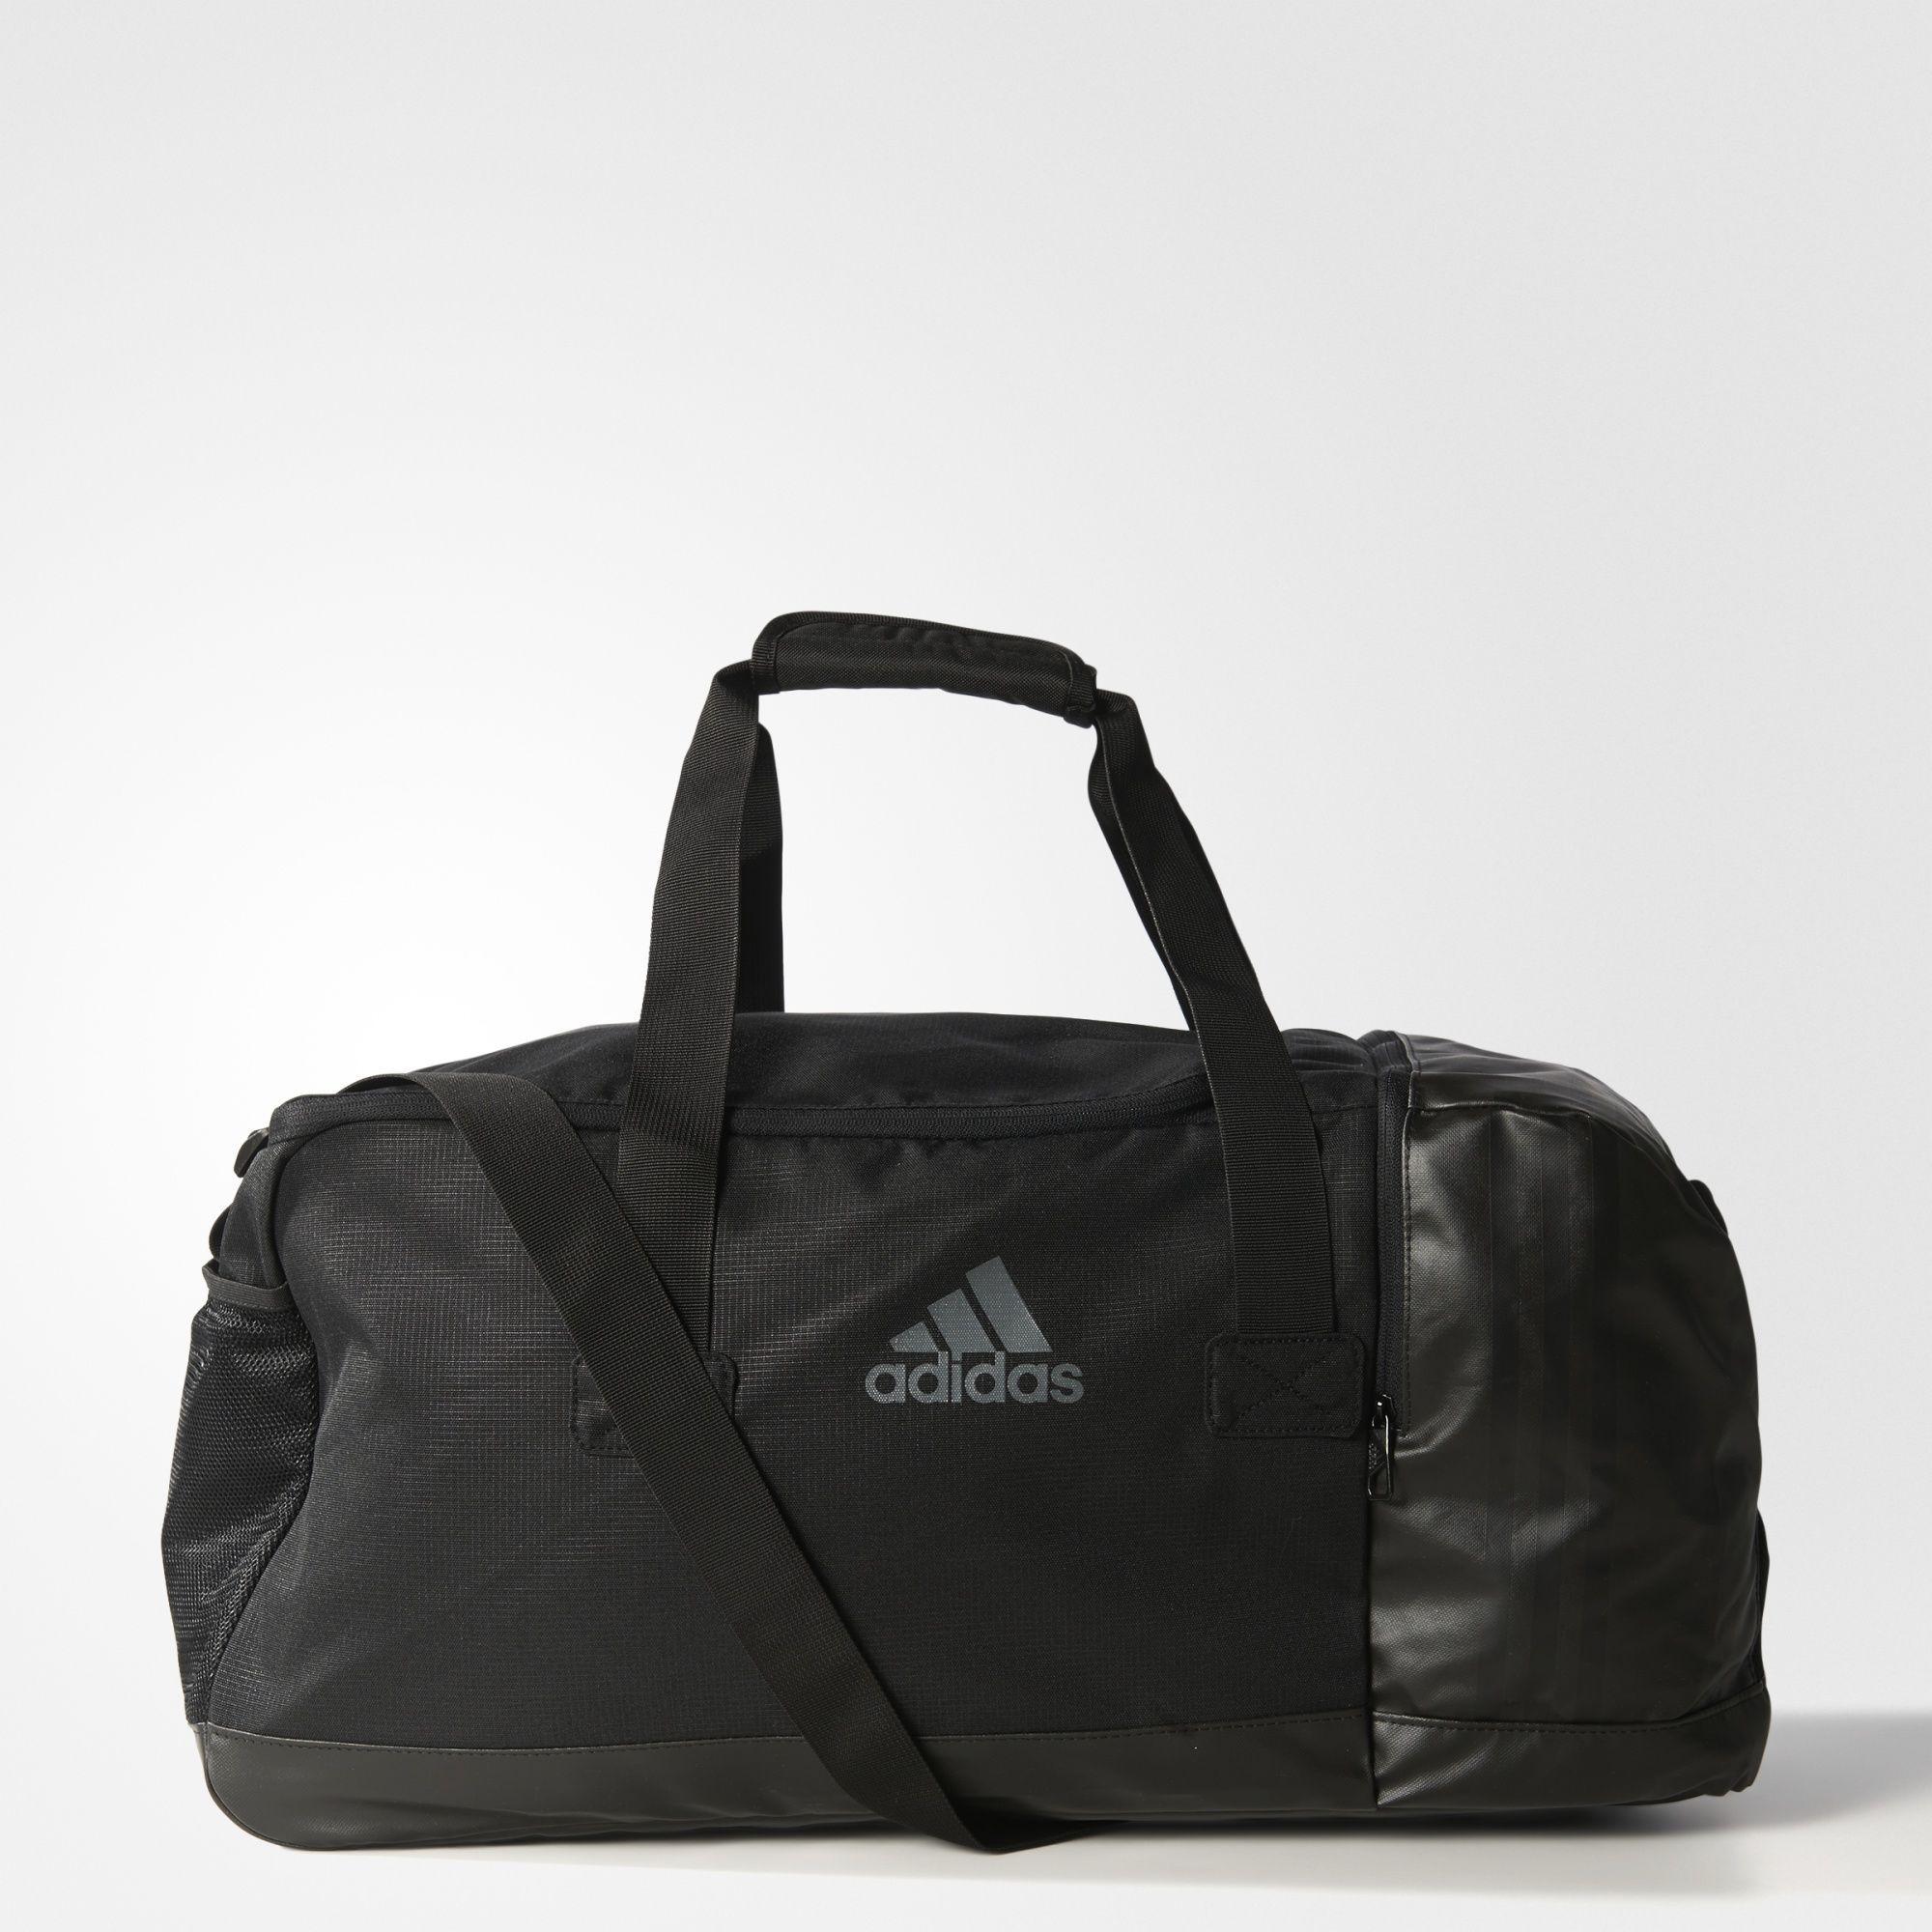 adidas - 3-Stripes Team Bag Medium  a868ec618ea9c